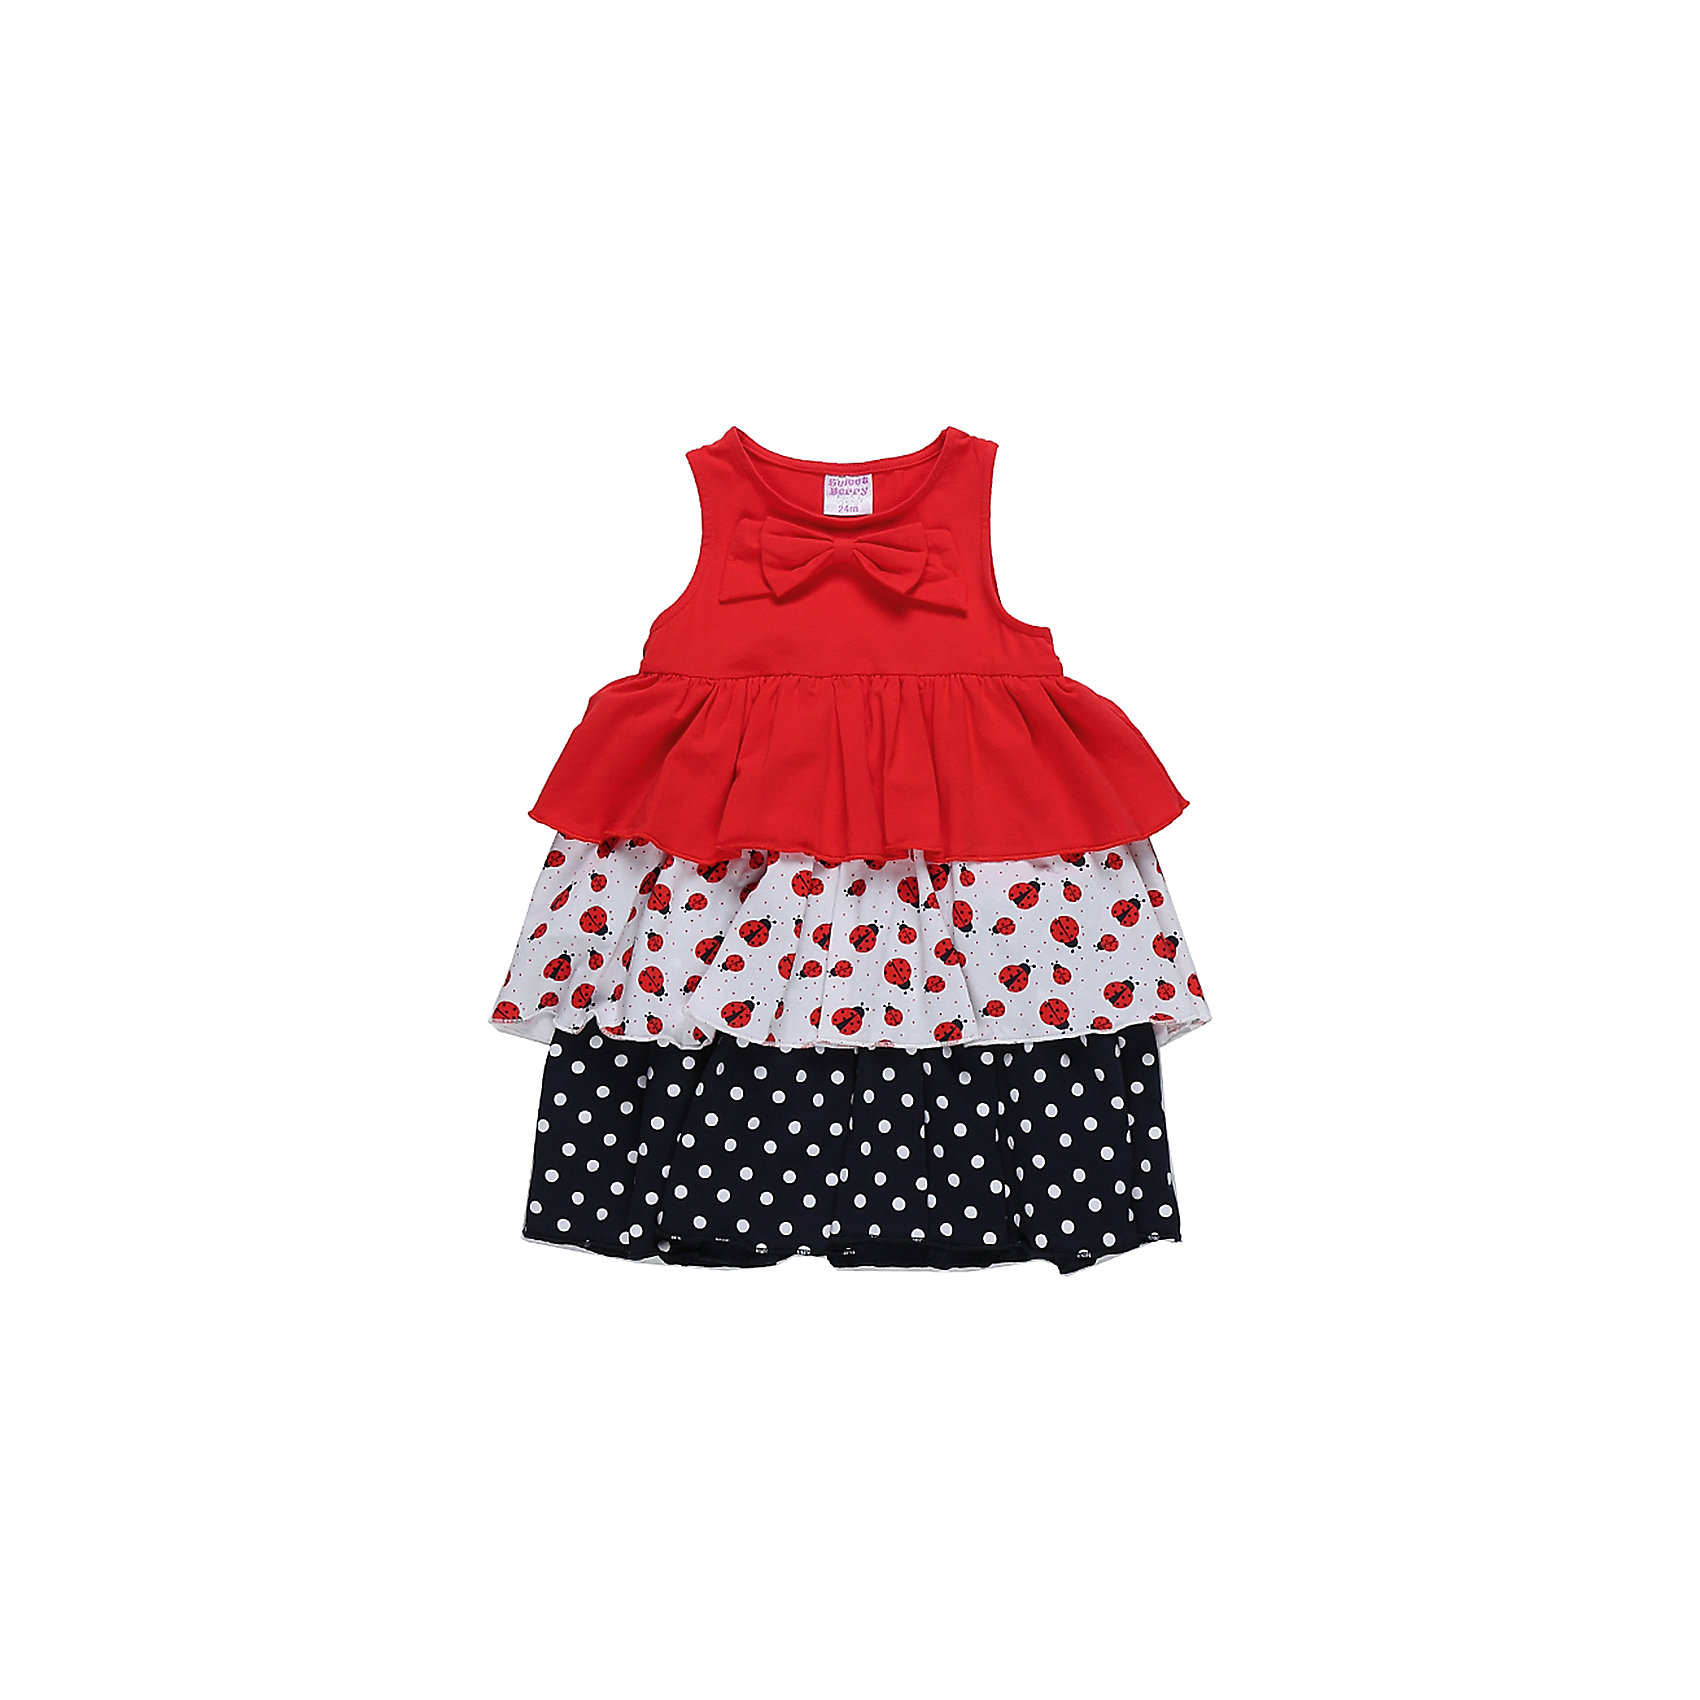 Платье для девочки Sweet BerryПлатья<br>Яркий трикотажный сарафан для девочки из трех видов ткани. Кокетка декорирована красным бантом.<br>Состав:<br>95%хлопок 5%эластан<br><br>Ширина мм: 236<br>Глубина мм: 16<br>Высота мм: 184<br>Вес г: 177<br>Цвет: белый<br>Возраст от месяцев: 12<br>Возраст до месяцев: 18<br>Пол: Женский<br>Возраст: Детский<br>Размер: 86,92,98,80<br>SKU: 5411068